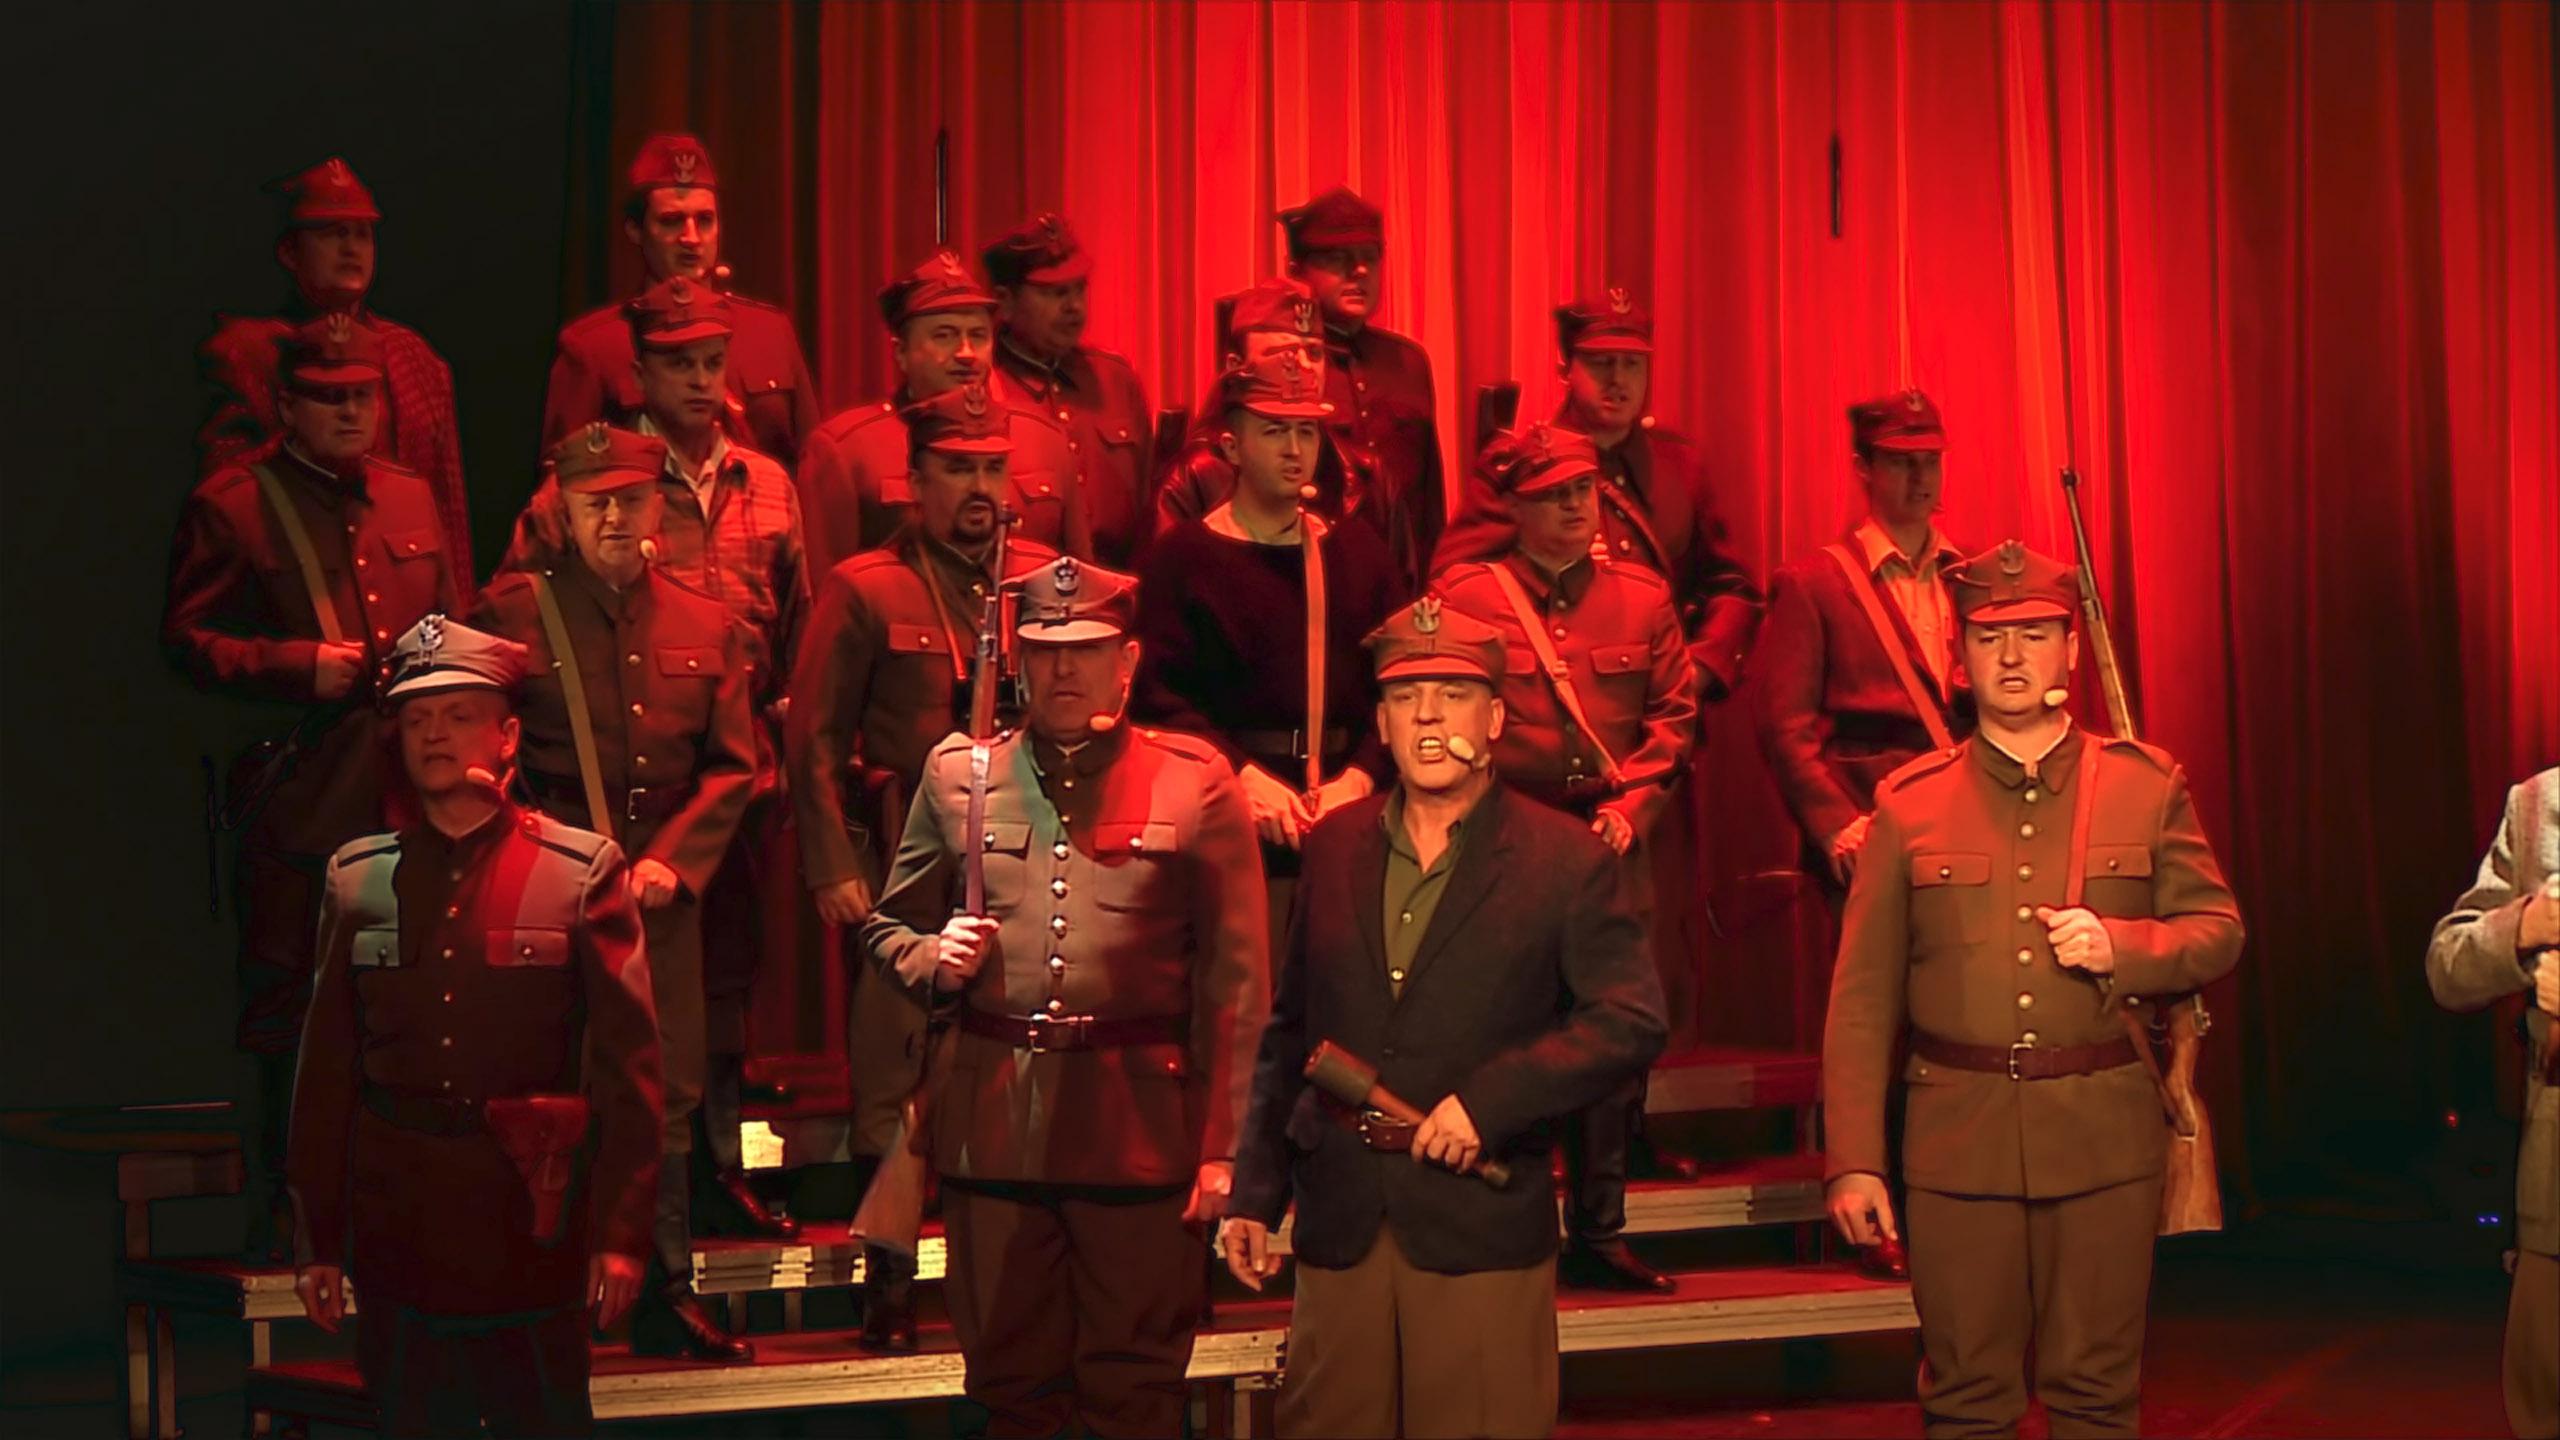 Reprezentacyjny Zespół Artystyczny Wojska Polskiego